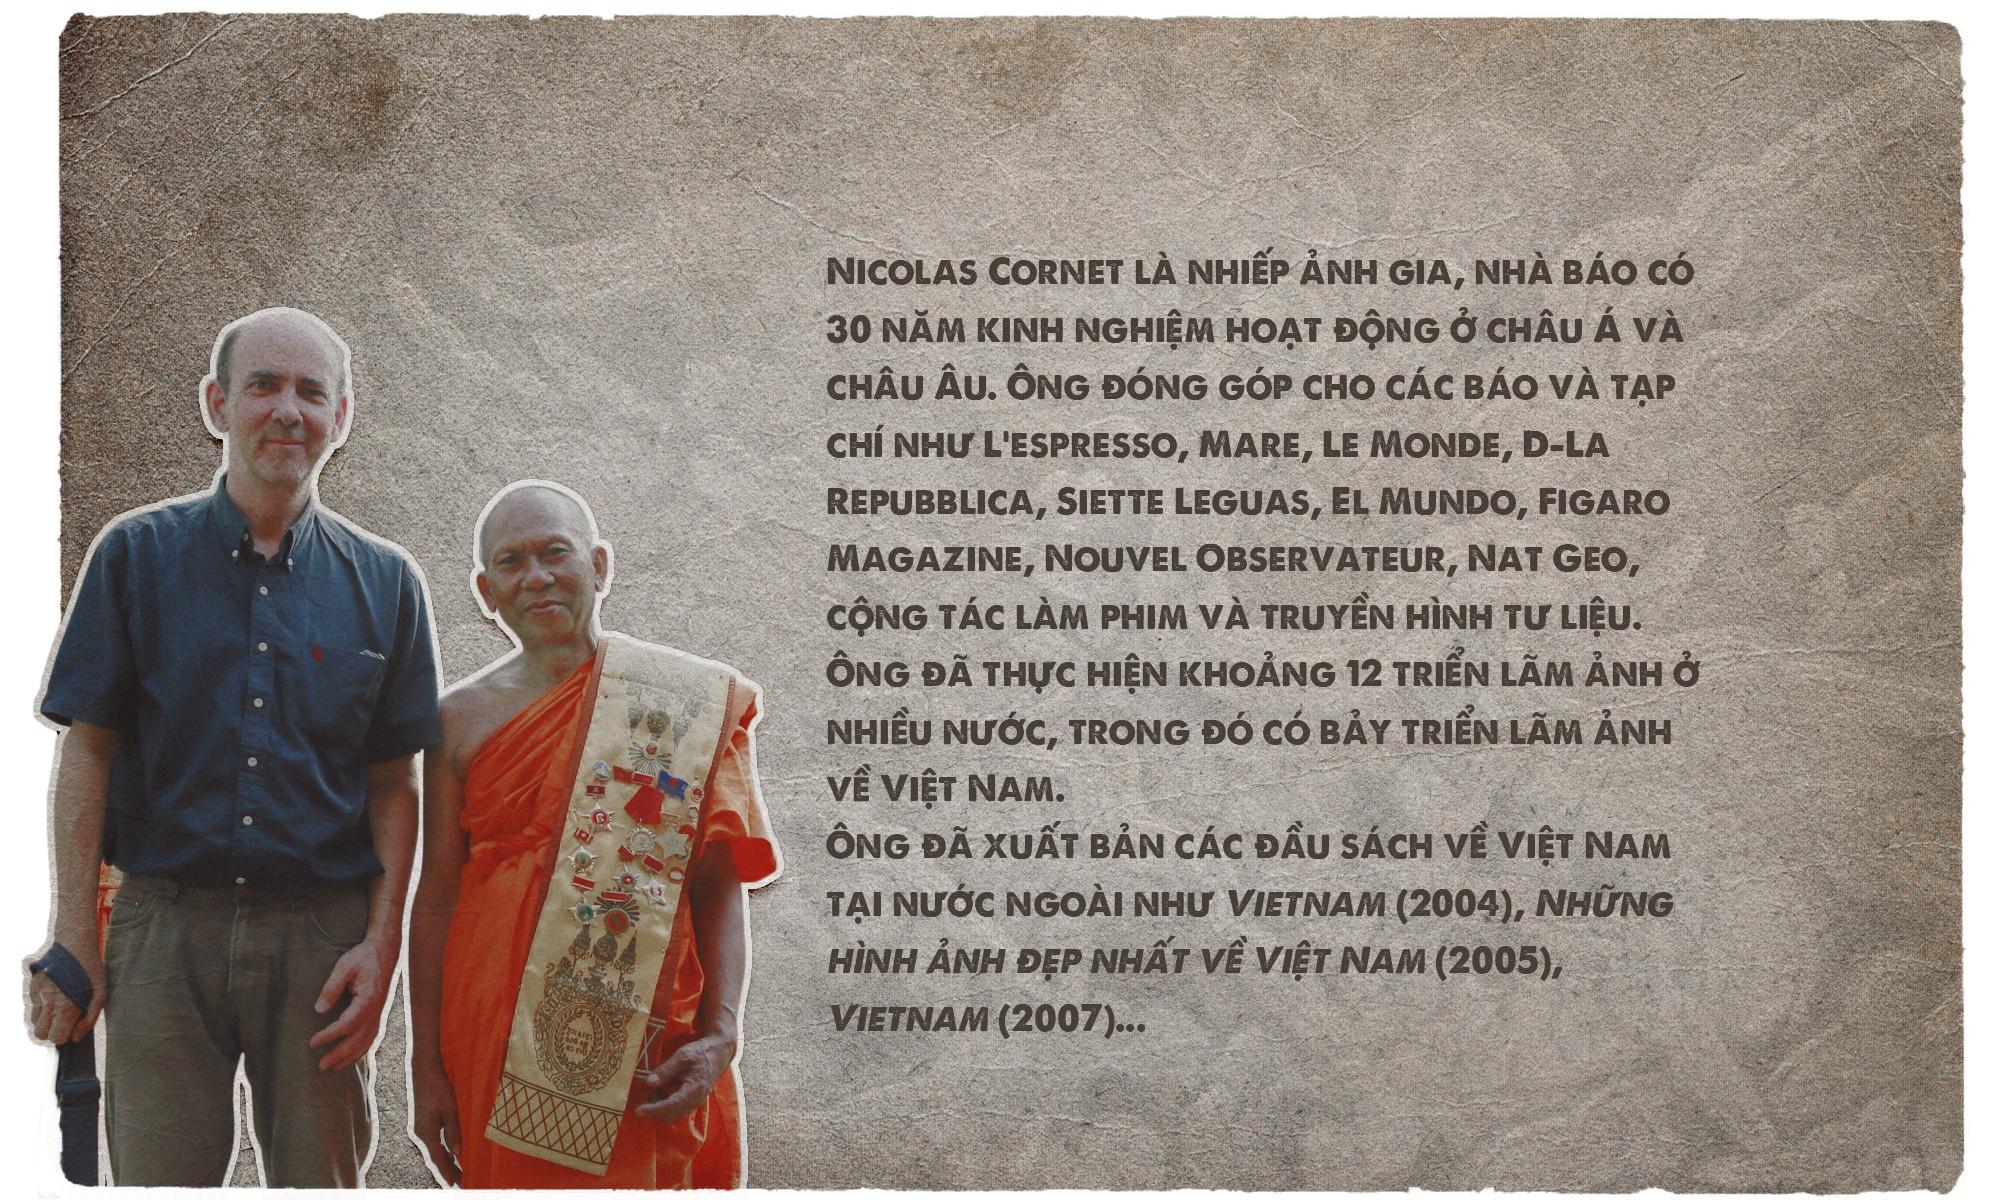 Văn hóa Việt và chùa chiền hấp dẫn tôi một cách tự nhiên - Ảnh 21.